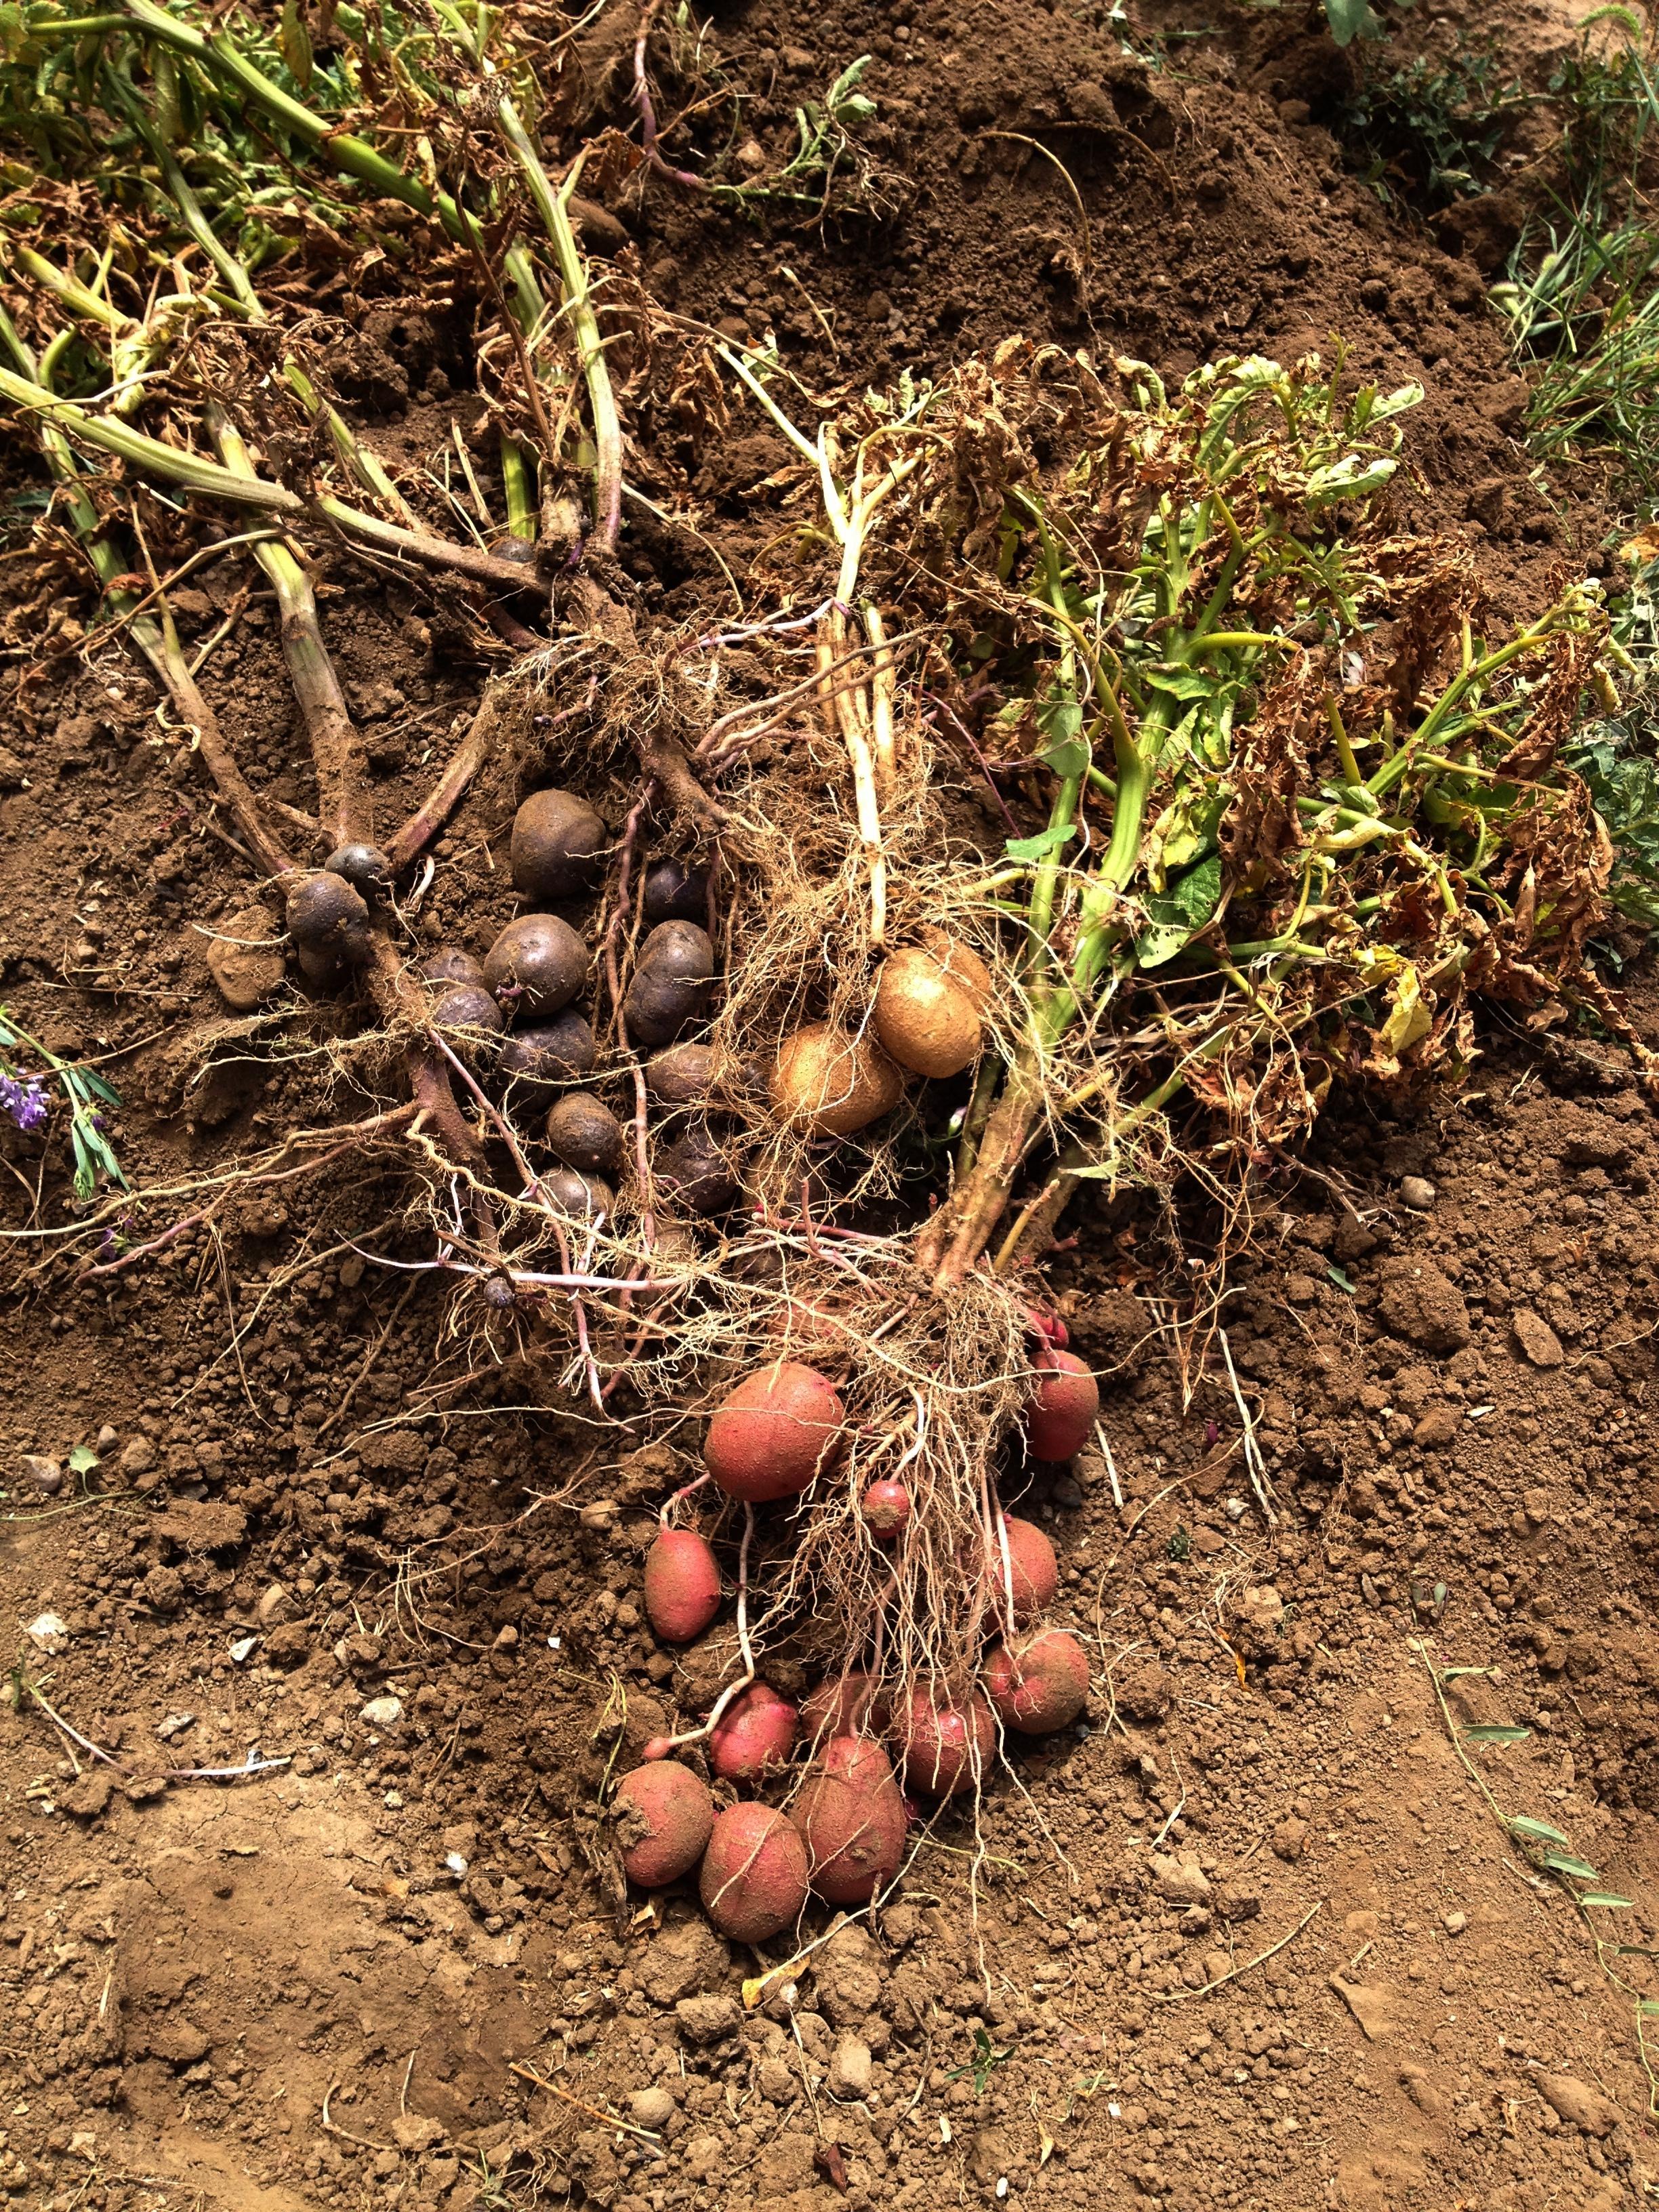 Harvesting potatoes at Sol Feliz | Sol Feliz Farm & AIRE